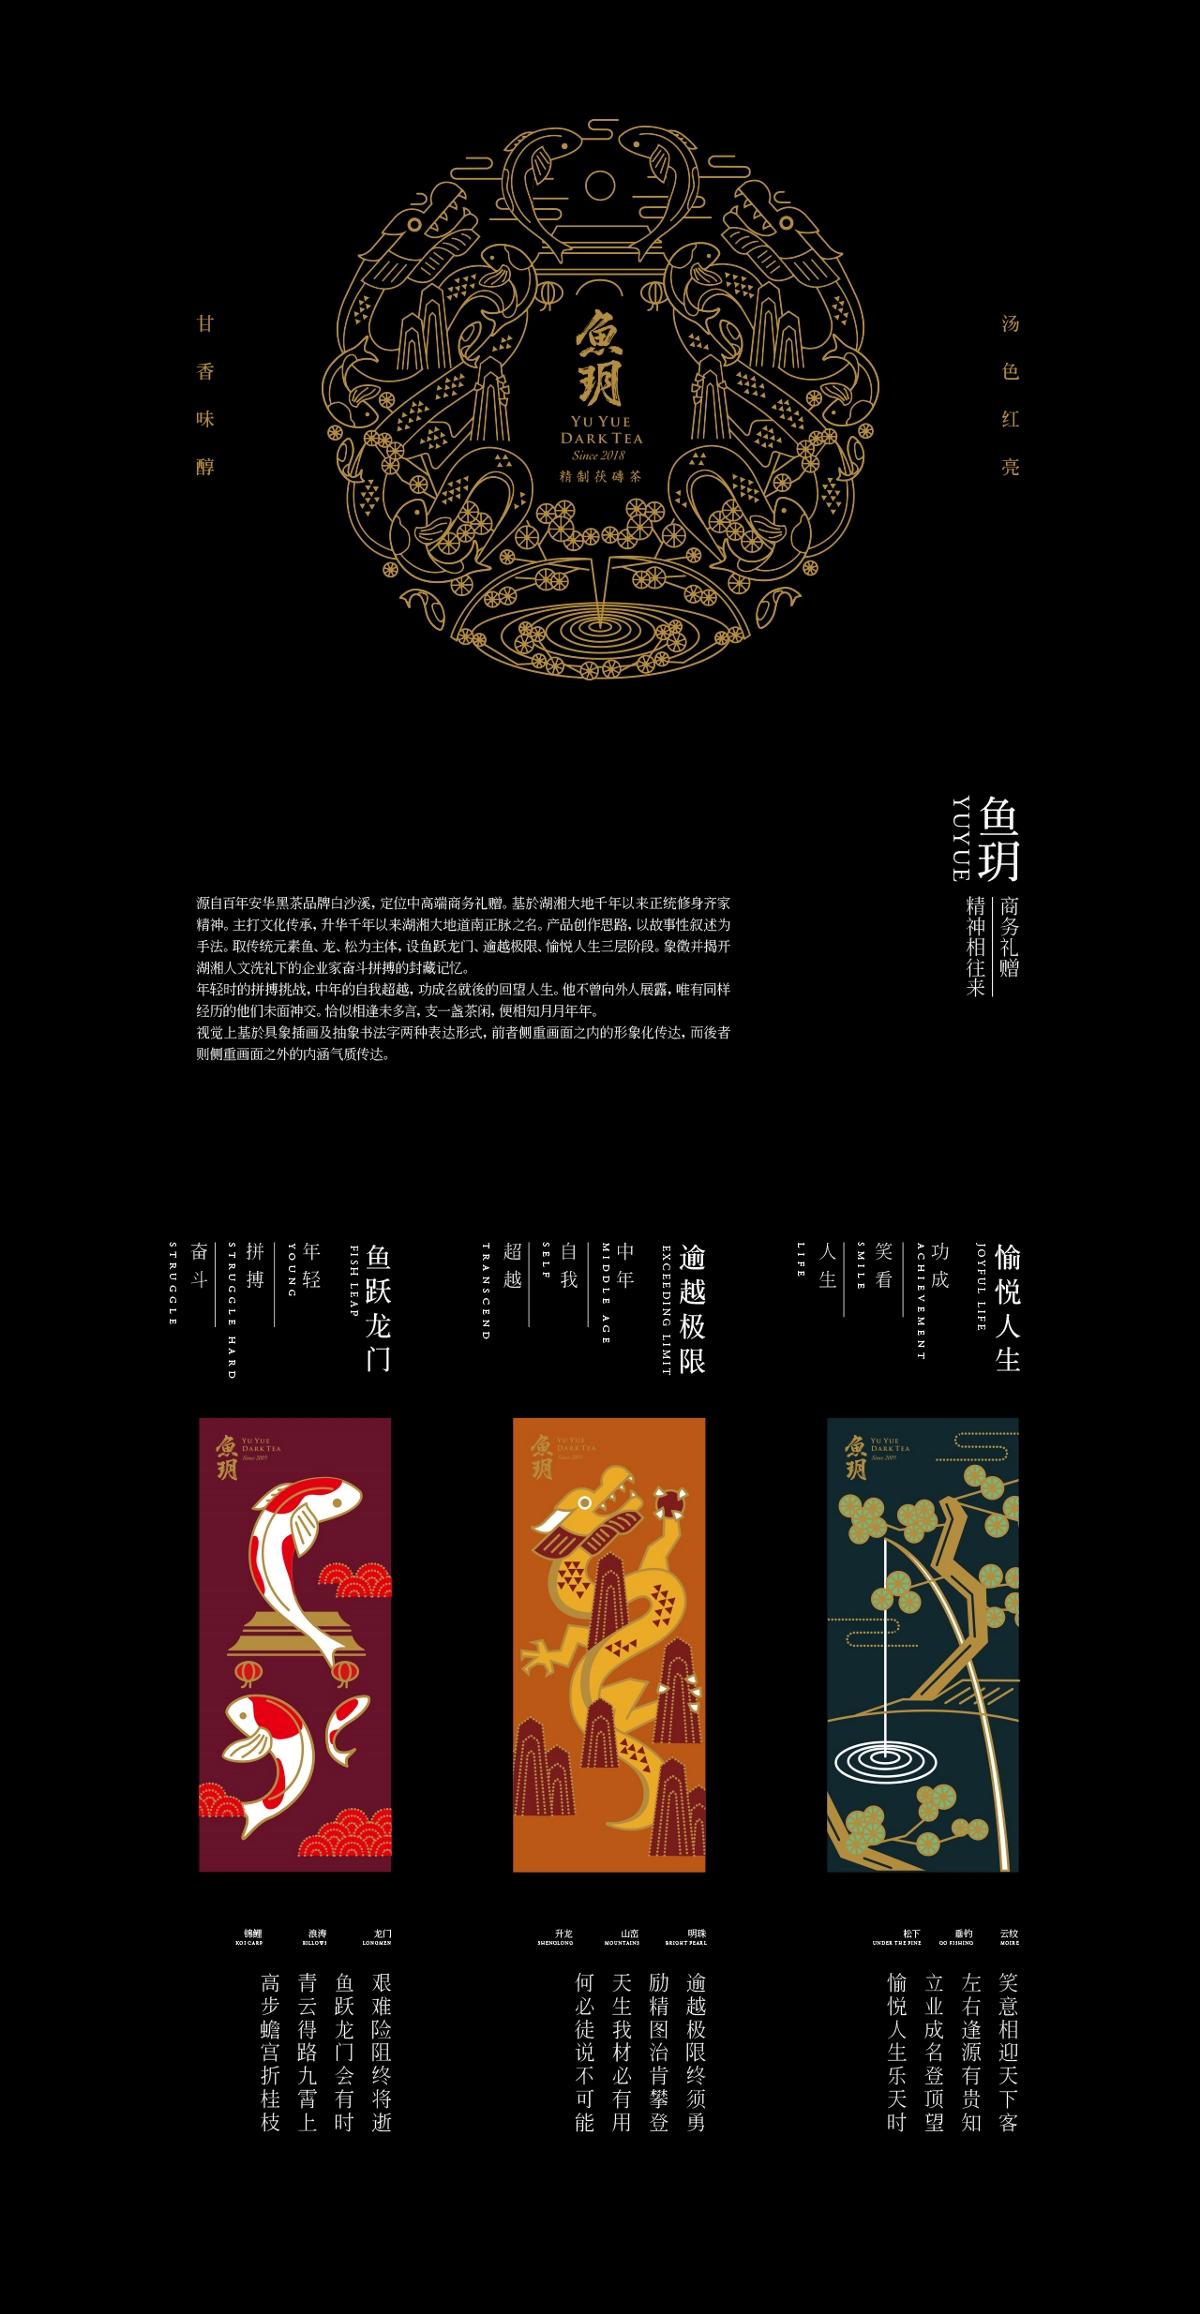 白沙溪|鱼玥商务礼赠黑茶包装设计|若非设计 www.rufydesign.com